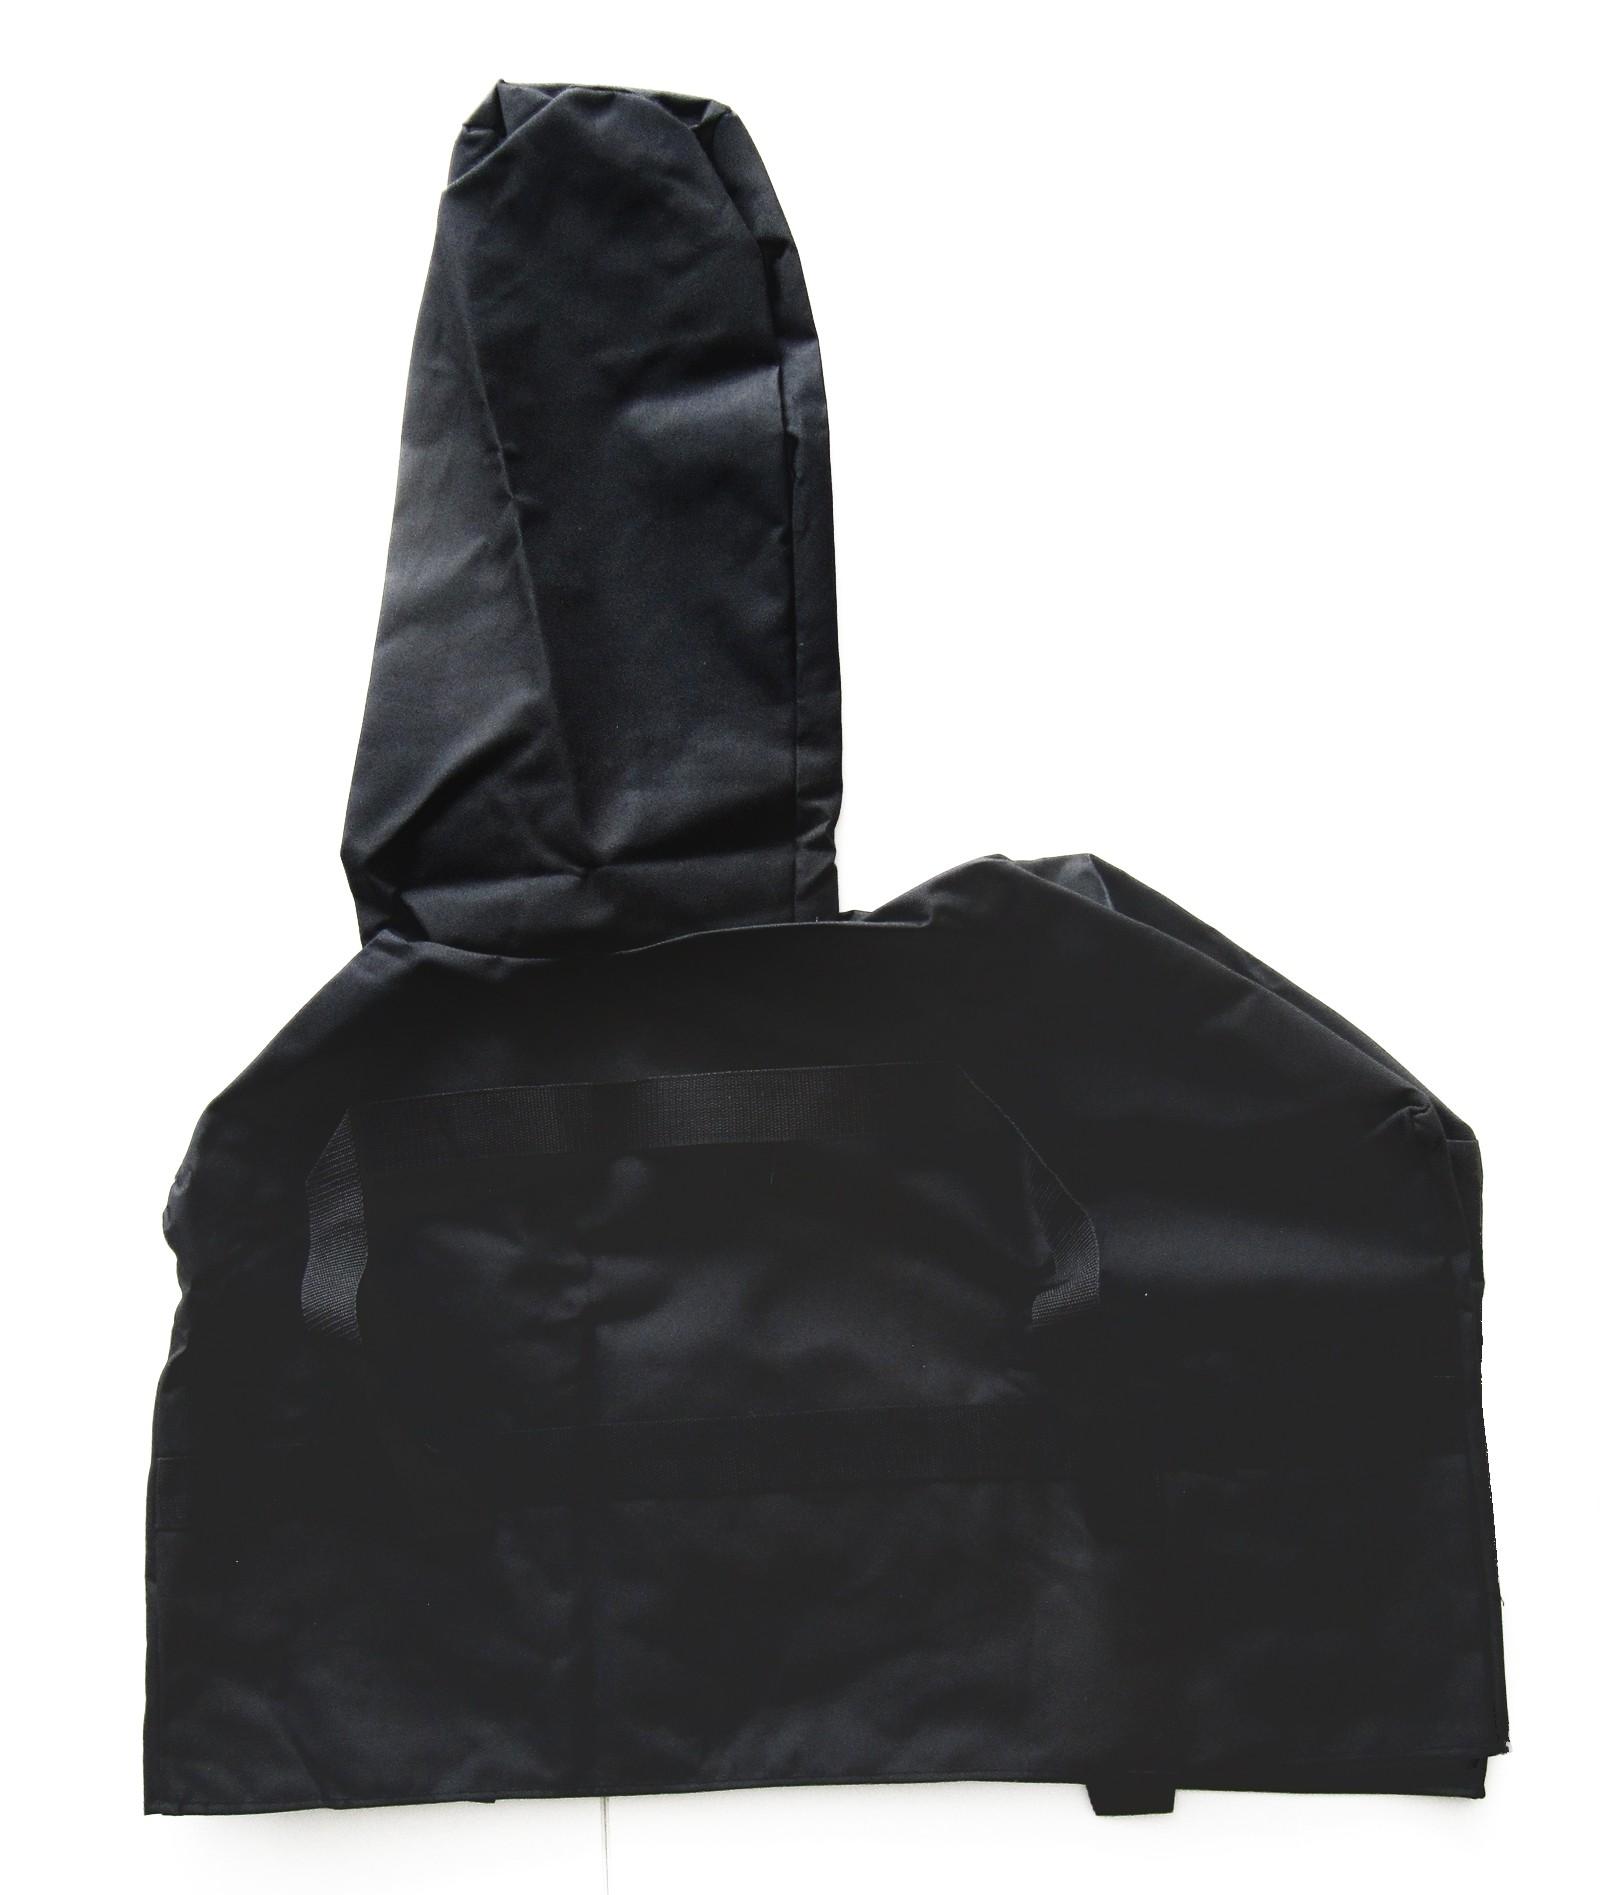 Schutzhülle / Tasche für Pellet Pizzafofen DaDa I schwarz Bild 1